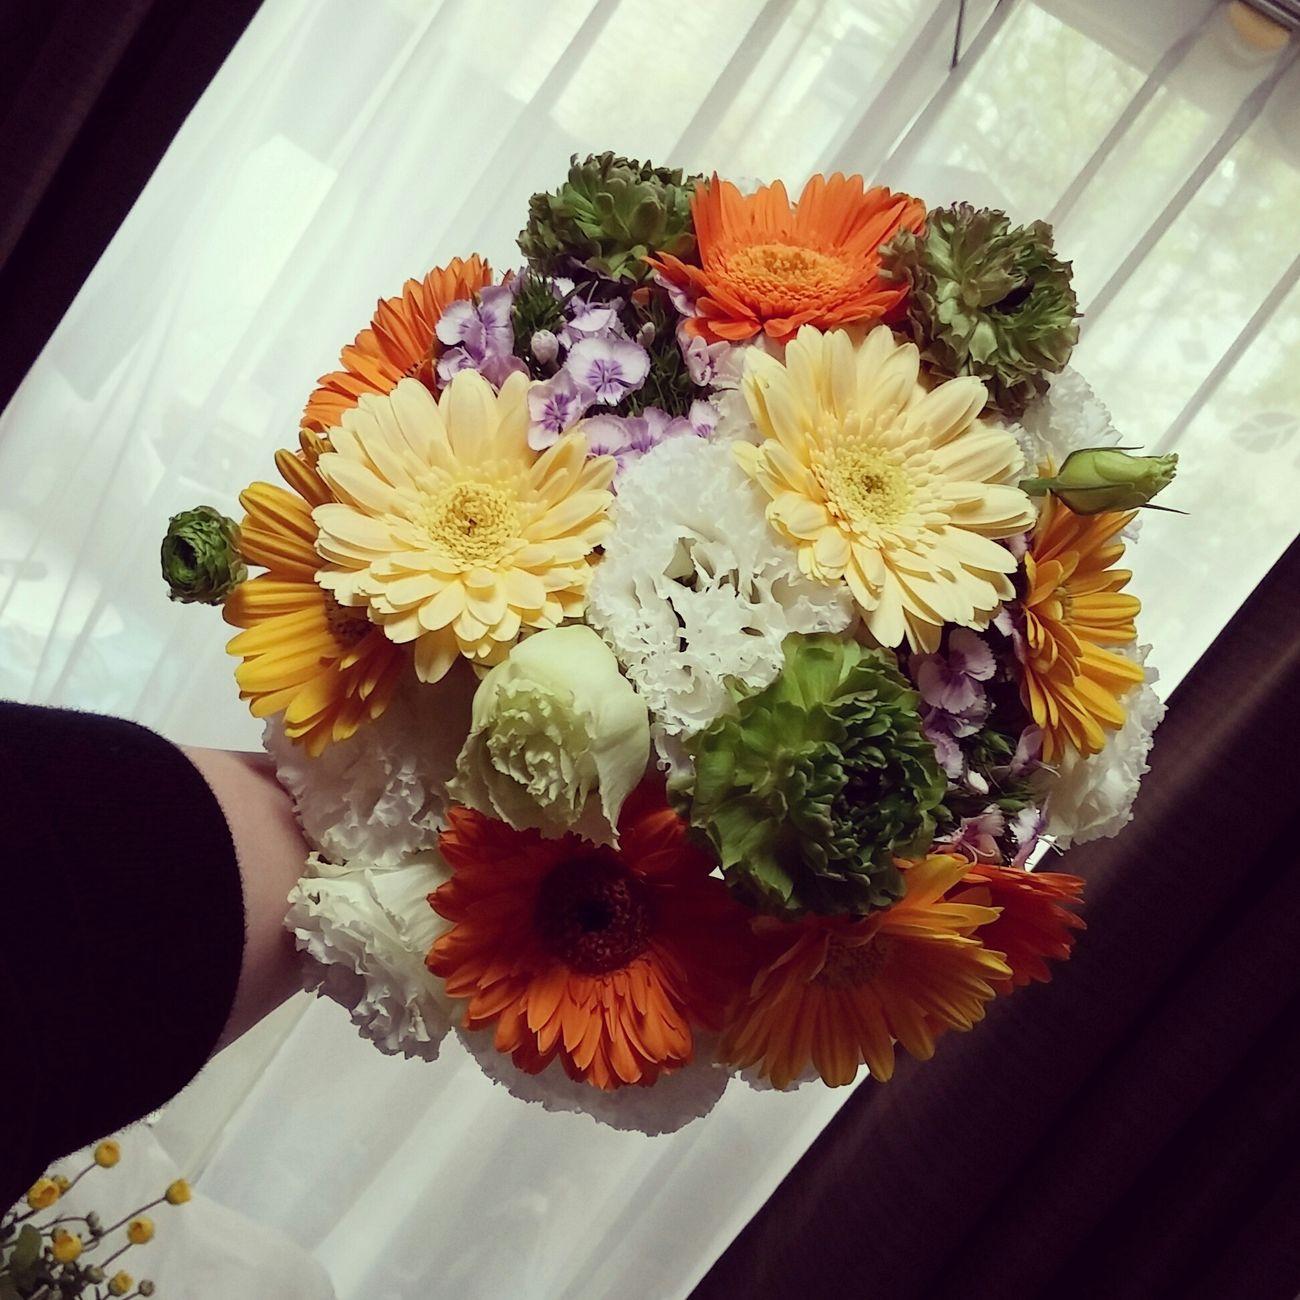 ブーケ 花束 Flower ラウンドブーケ ガーベラ トルコギキョウ ラナンキュラス ヒゲなでしこ